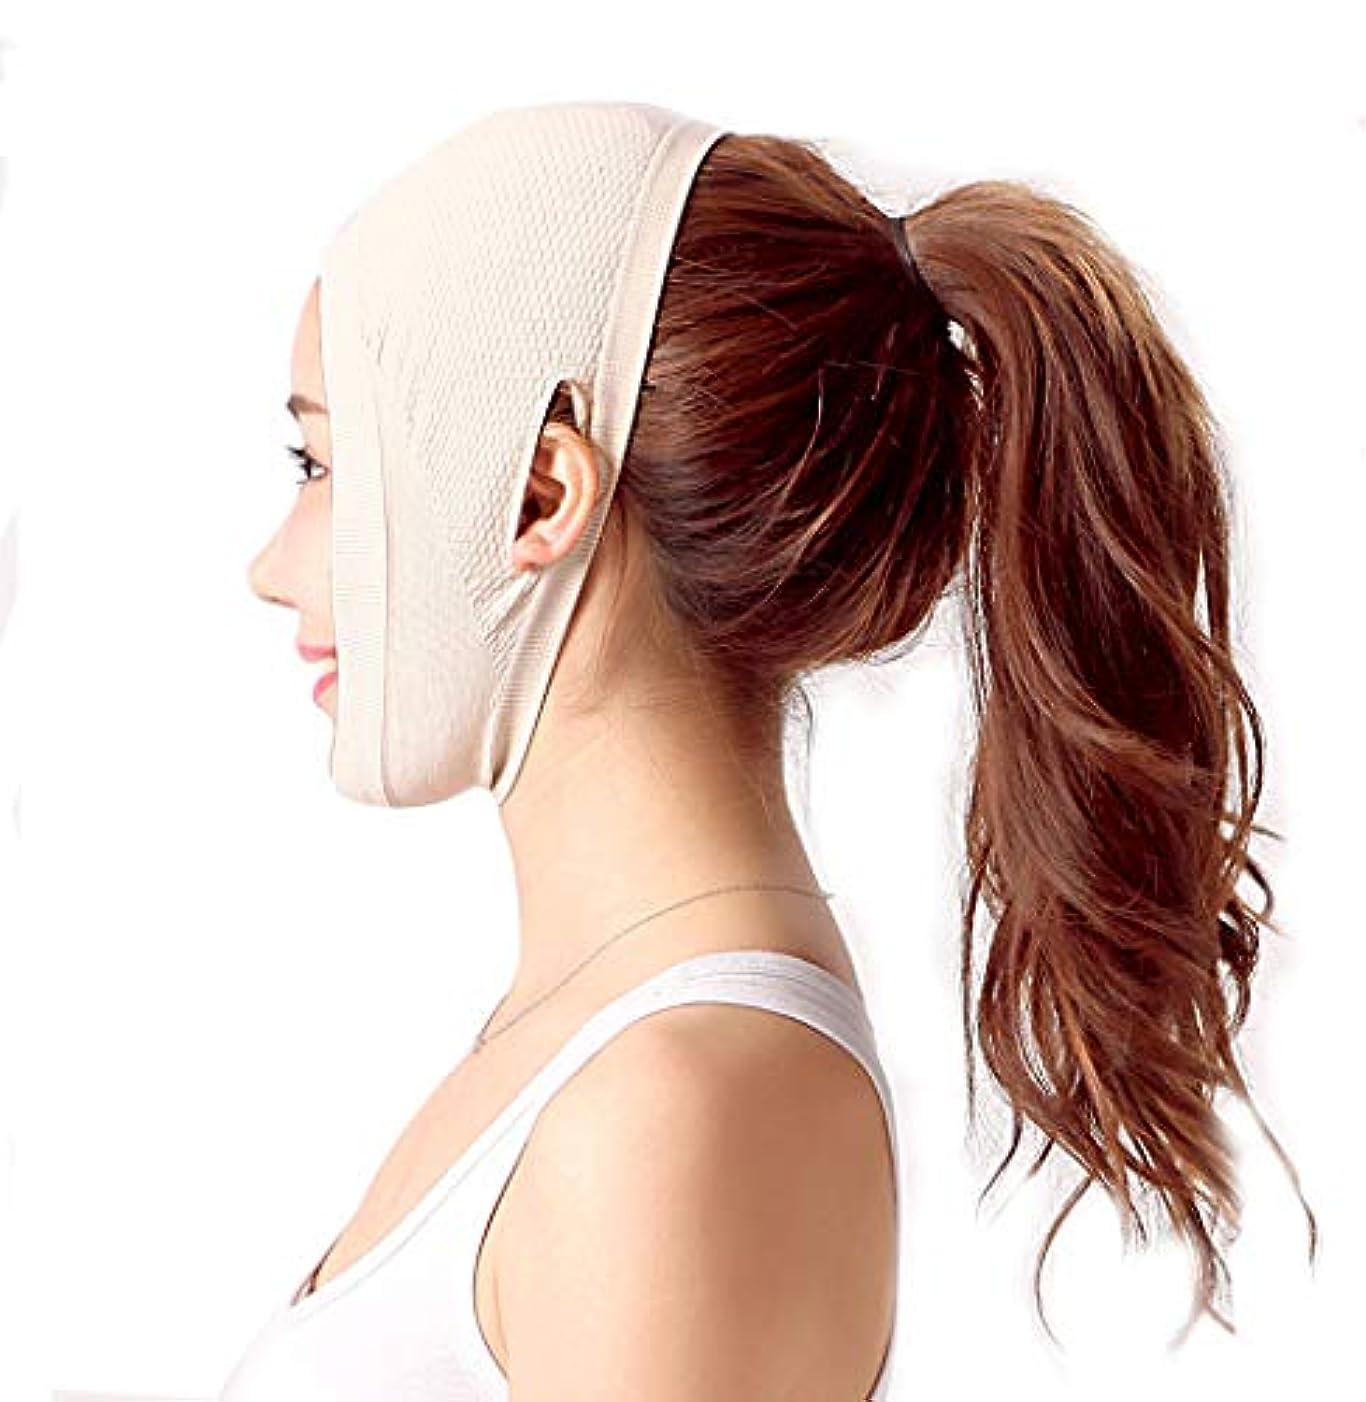 入場料突然恥V顔リフティング包帯薄いフェイスマスクを眠っている整形手術病院ライン彫刻術後回復ヘッドギア医療マスク (Color : Skin tone(A))